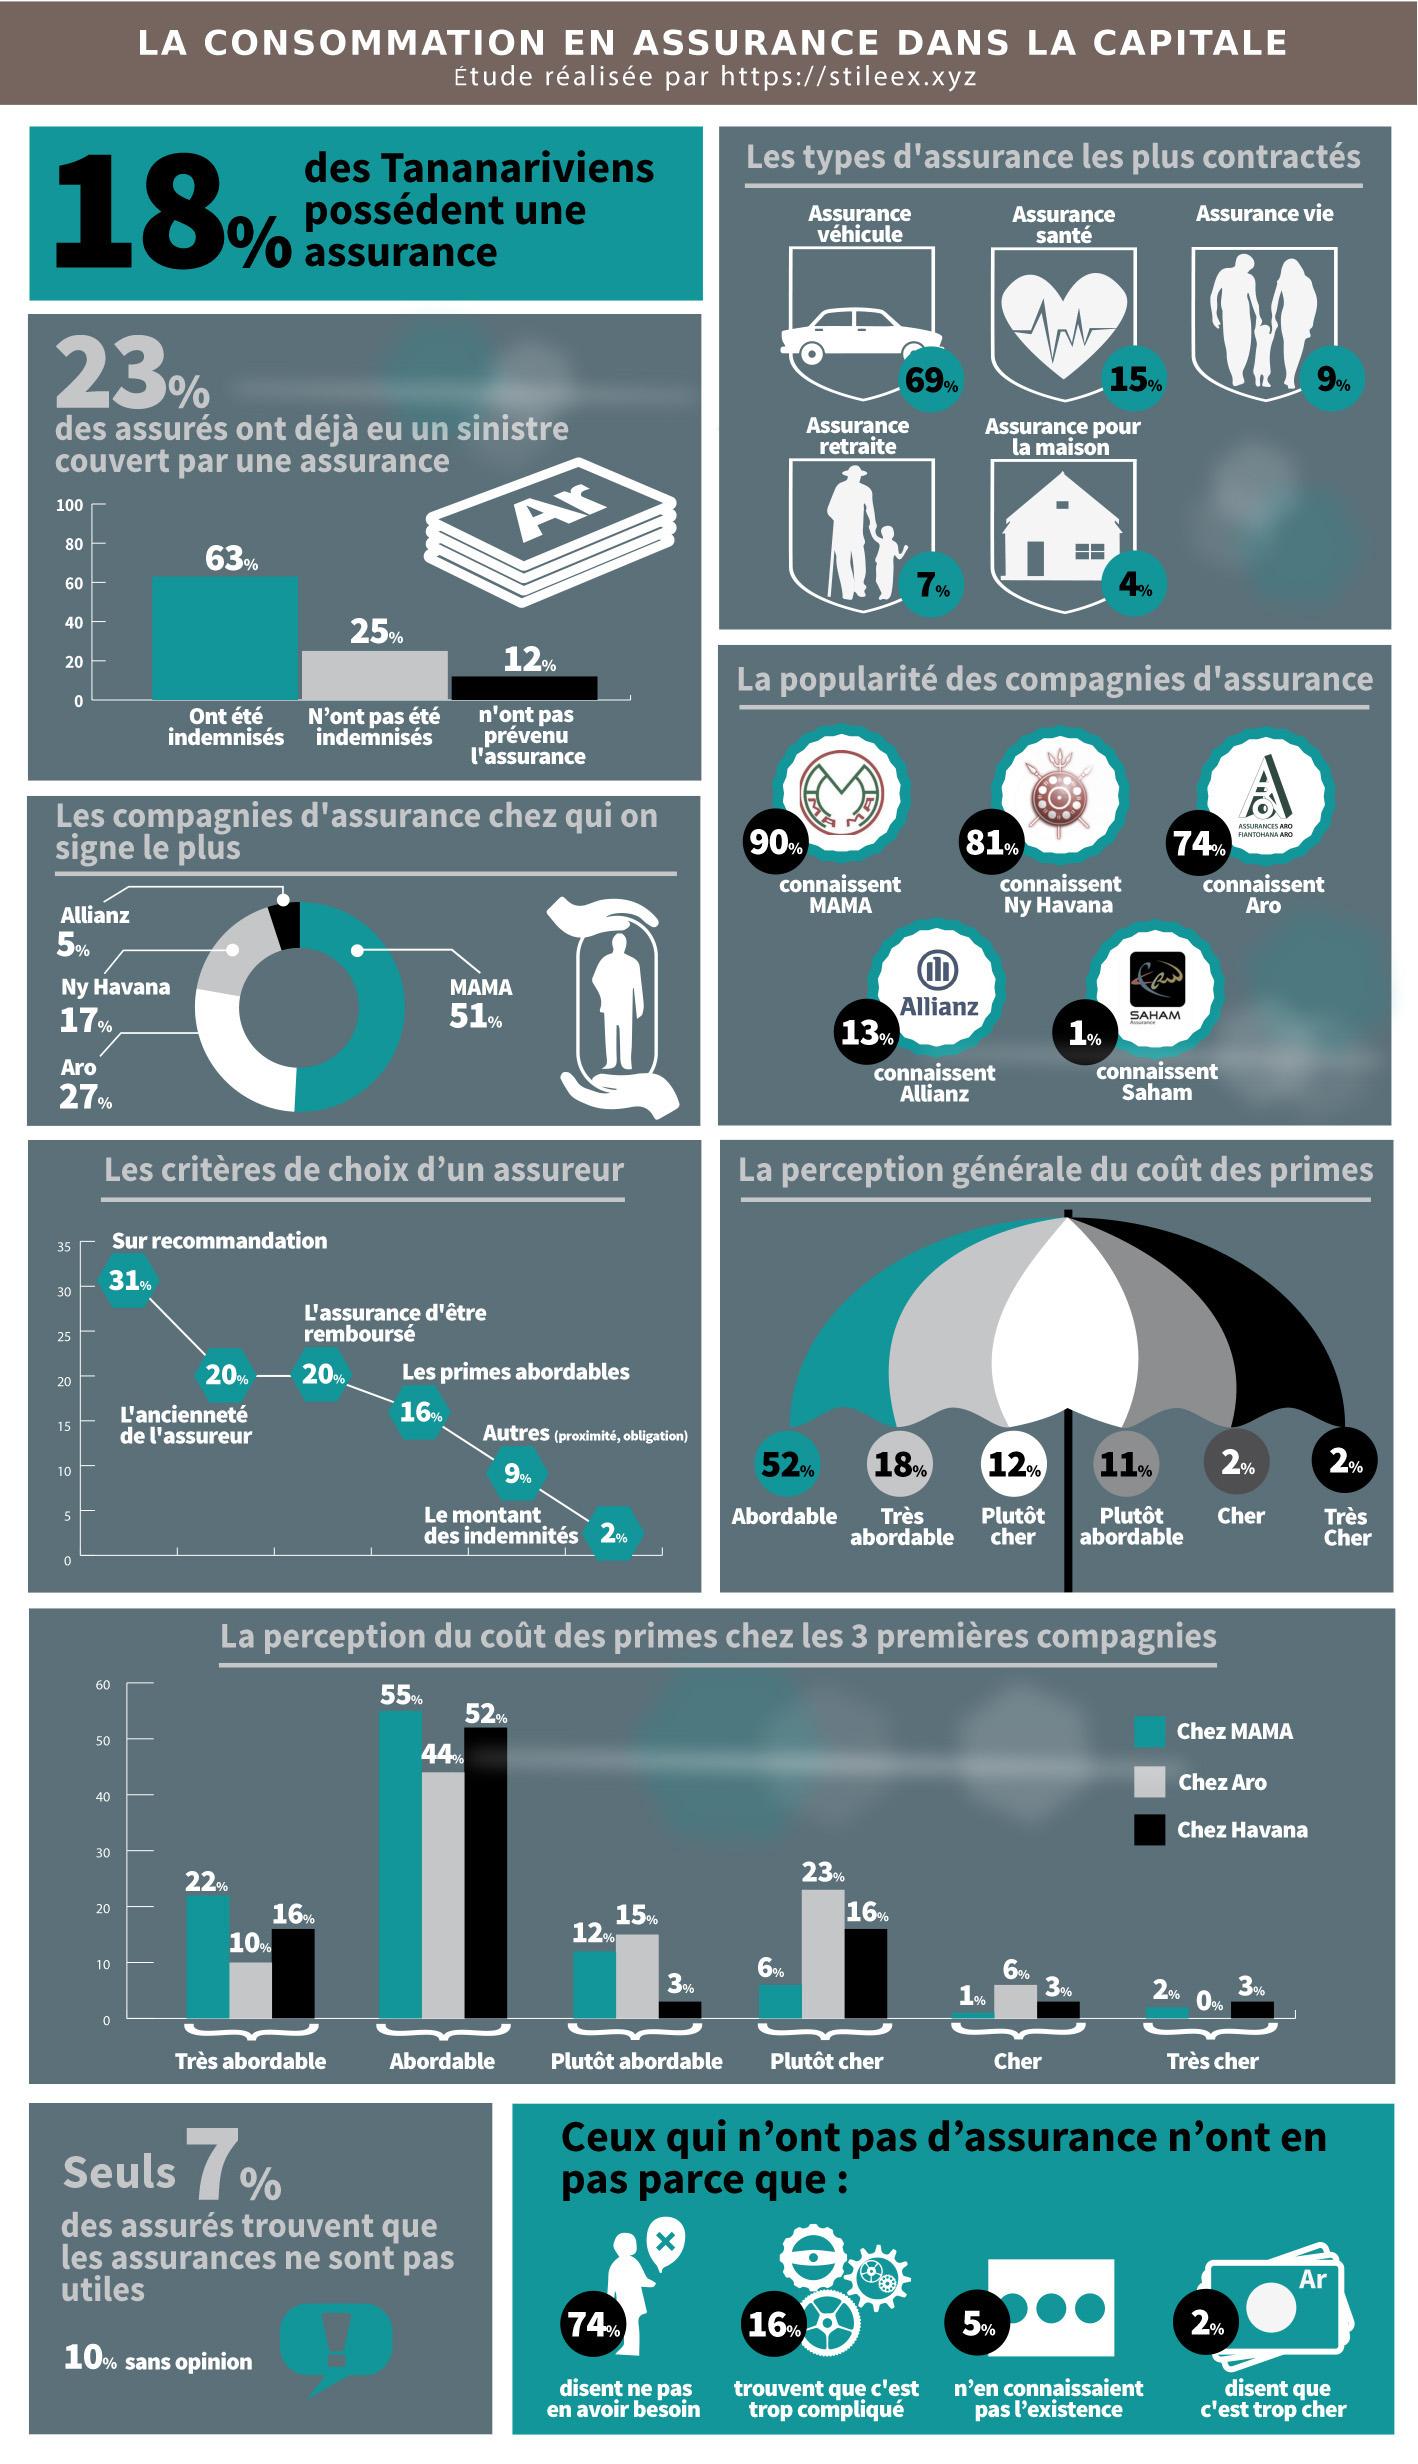 Les résultats du sondage sur l'assurance dans la capitale